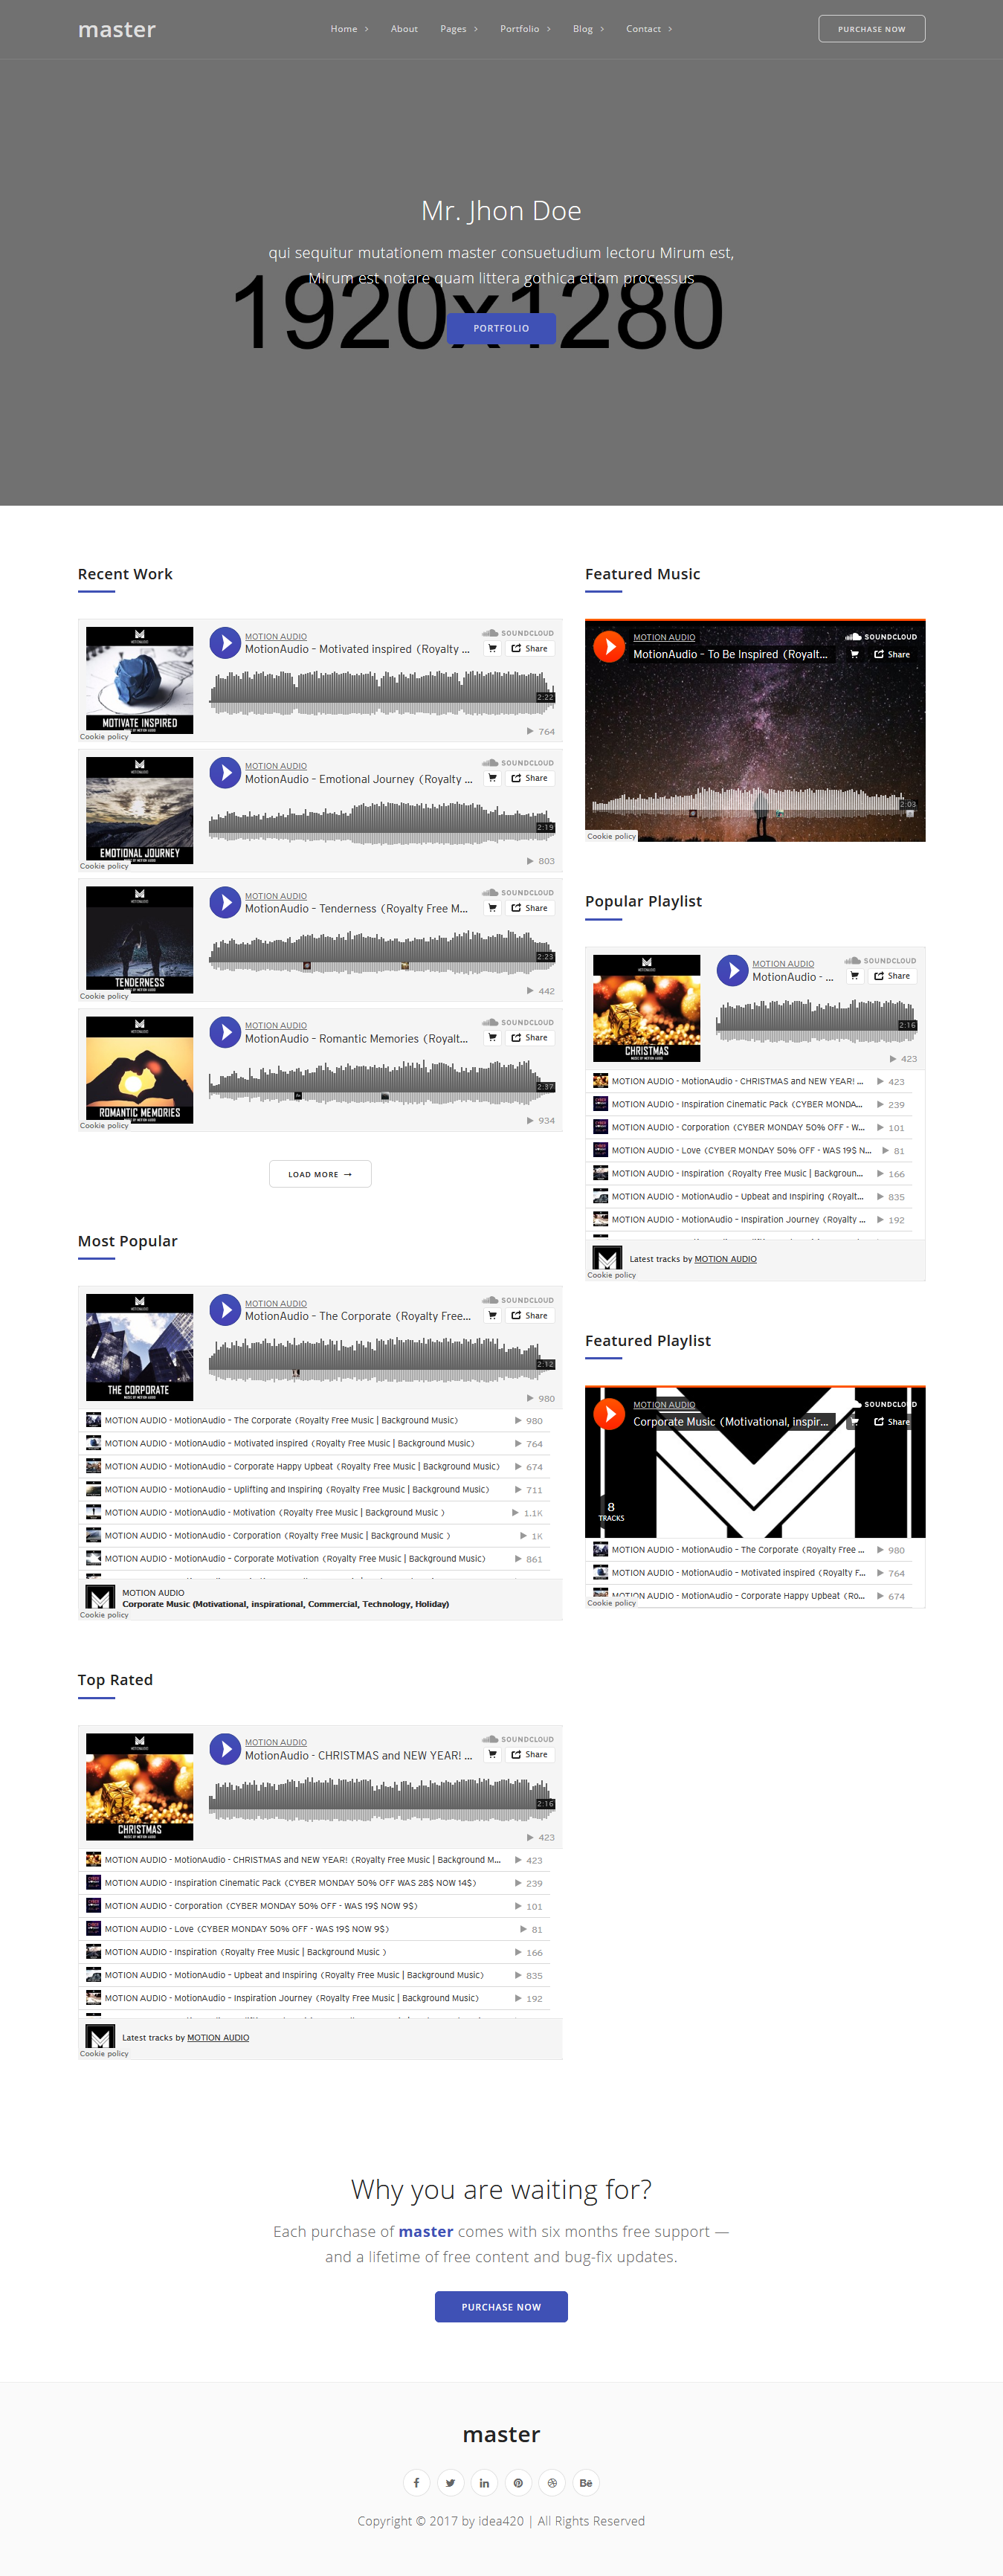 master best premium video music wordpress theme - 10+ Best Video and Music WordPress Themes (Premium Version)